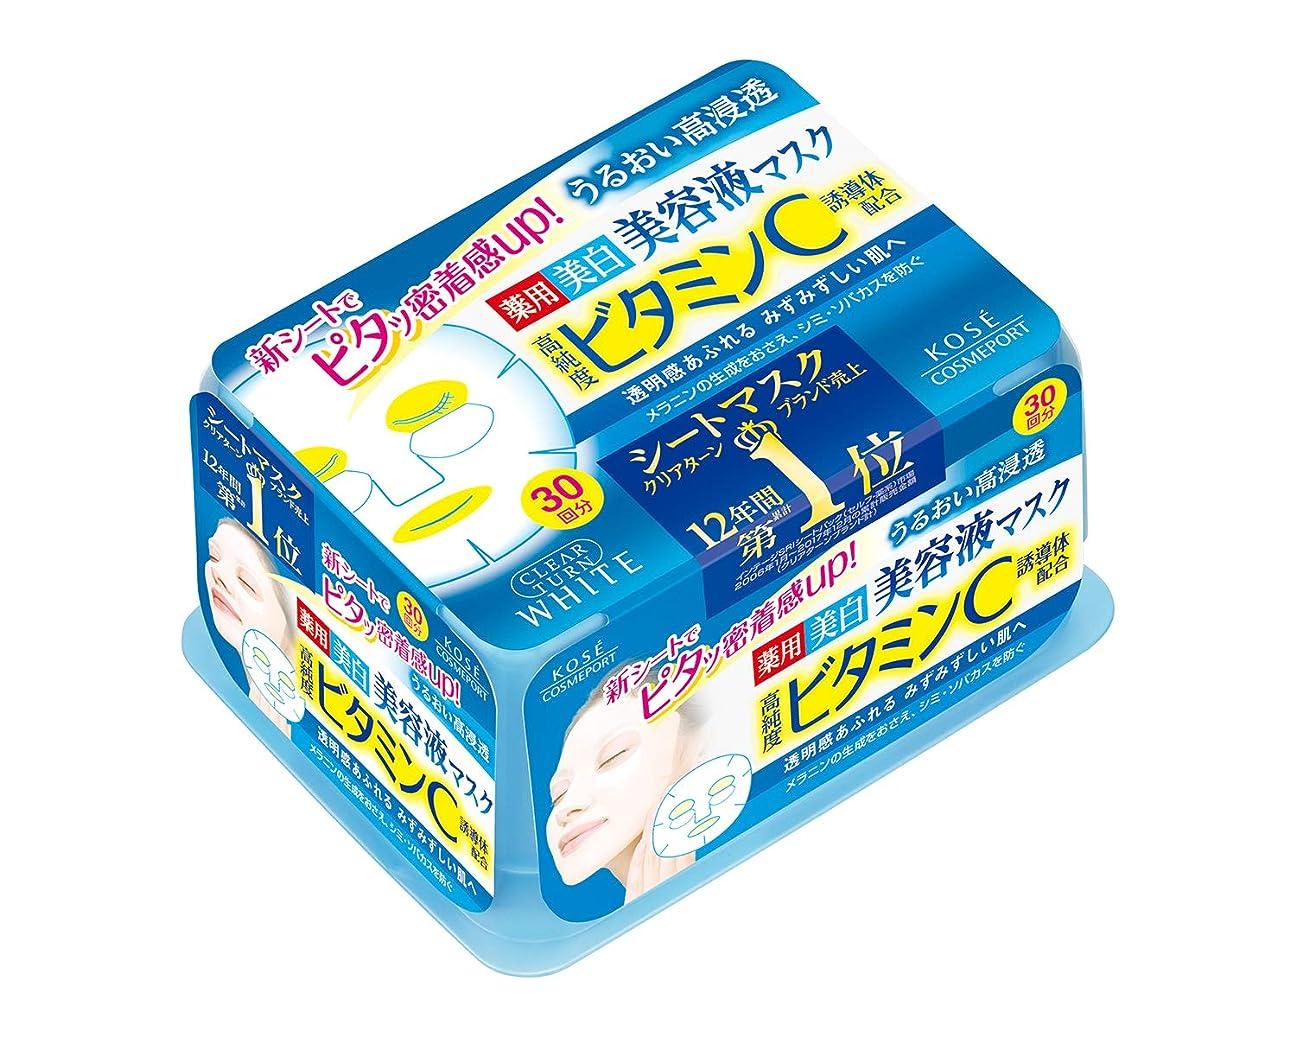 テナント軽食避けるKOSE クリアターン エッセンスマスク (ビタミンC) 30回分